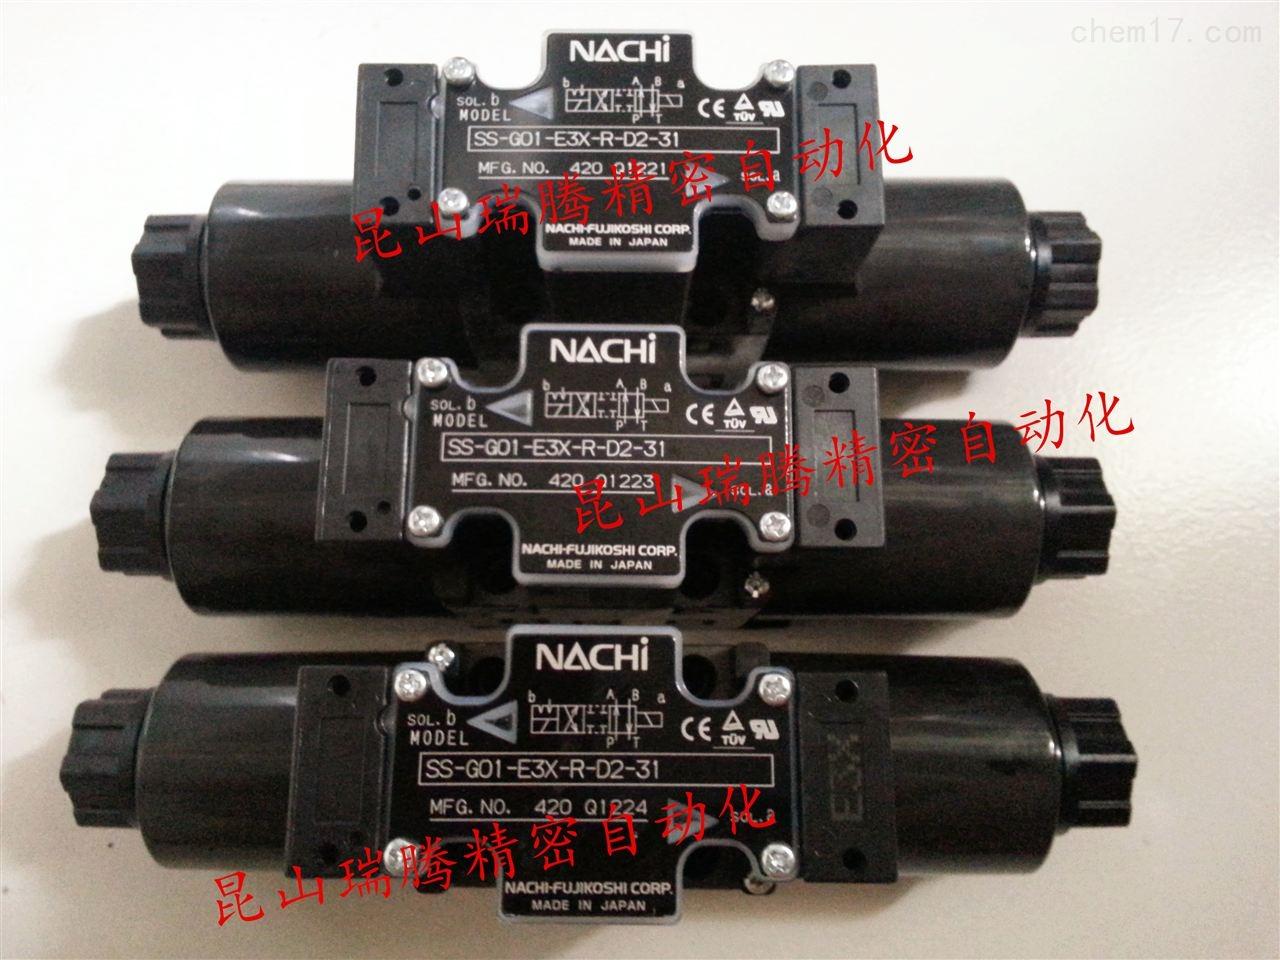 不二越NACHI电磁阀SS-G01-E3X-R-C1-31